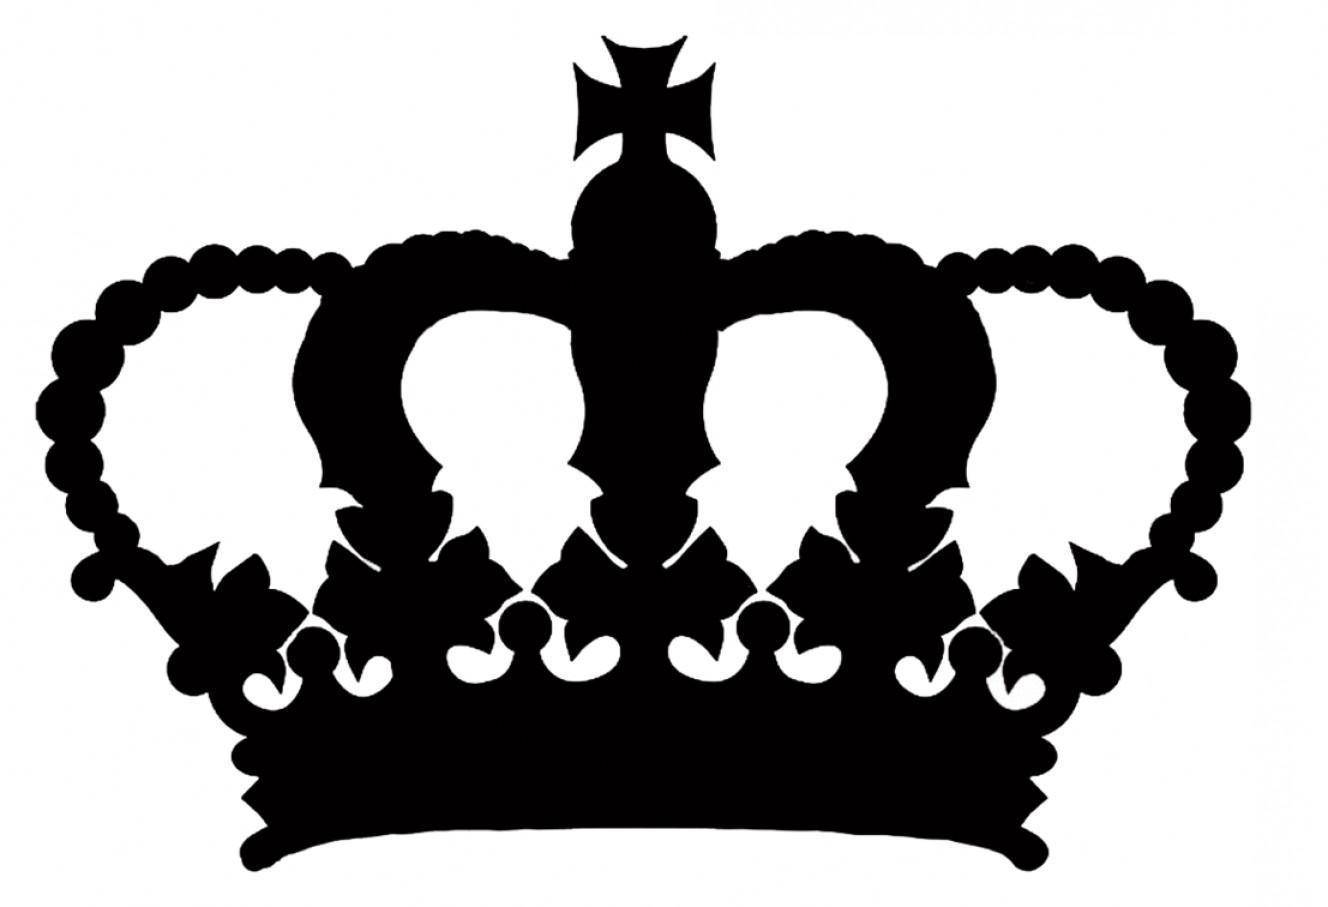 1328x907 Unique Queen Crown Silhouette Vector Images Lazttweet